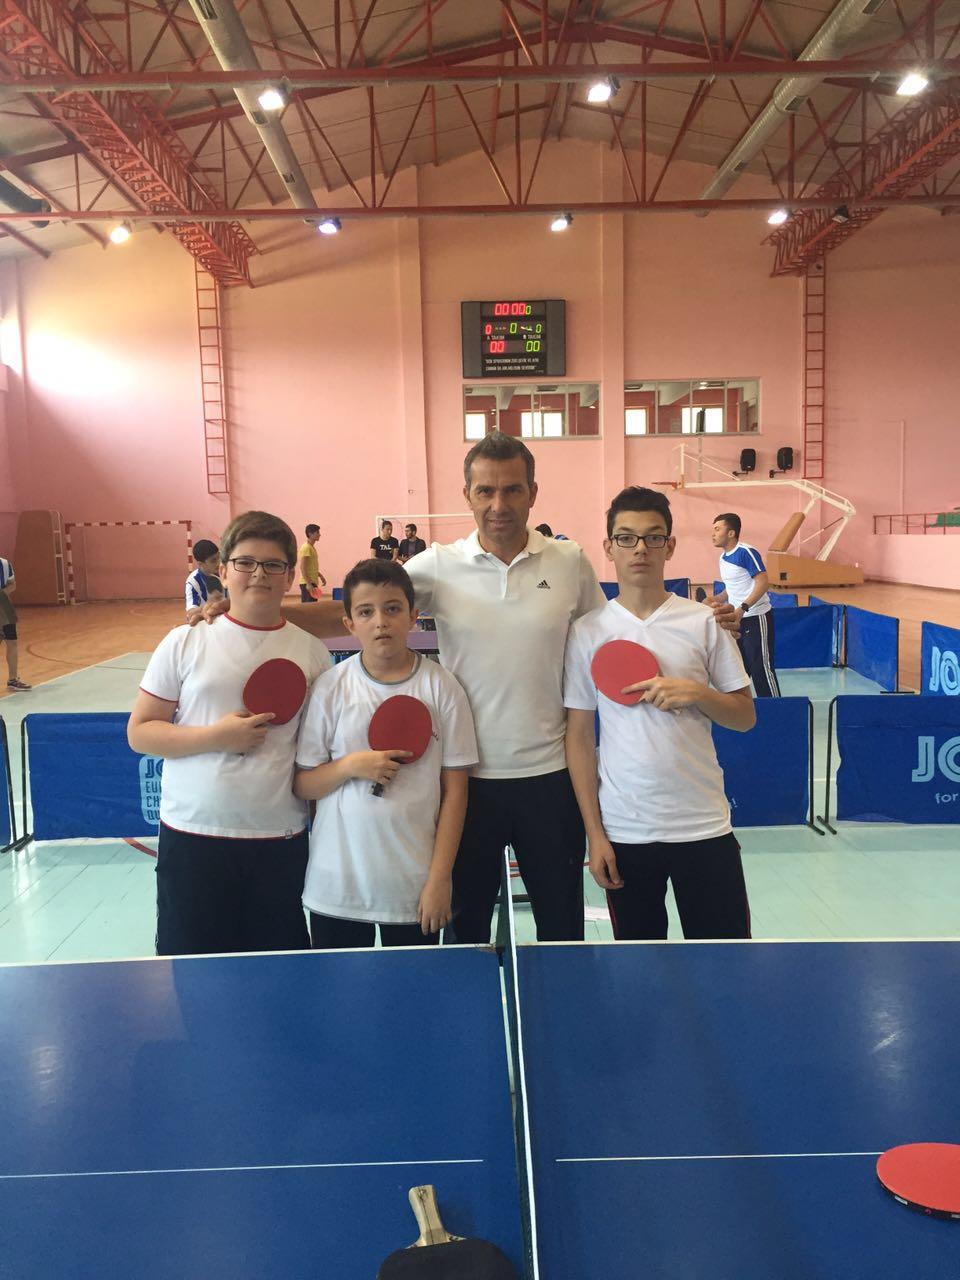 Masa Tenisi Turnuvasında Ortaokul Öğrencilerinden Oluşan Takımımız Finallere Kaldı